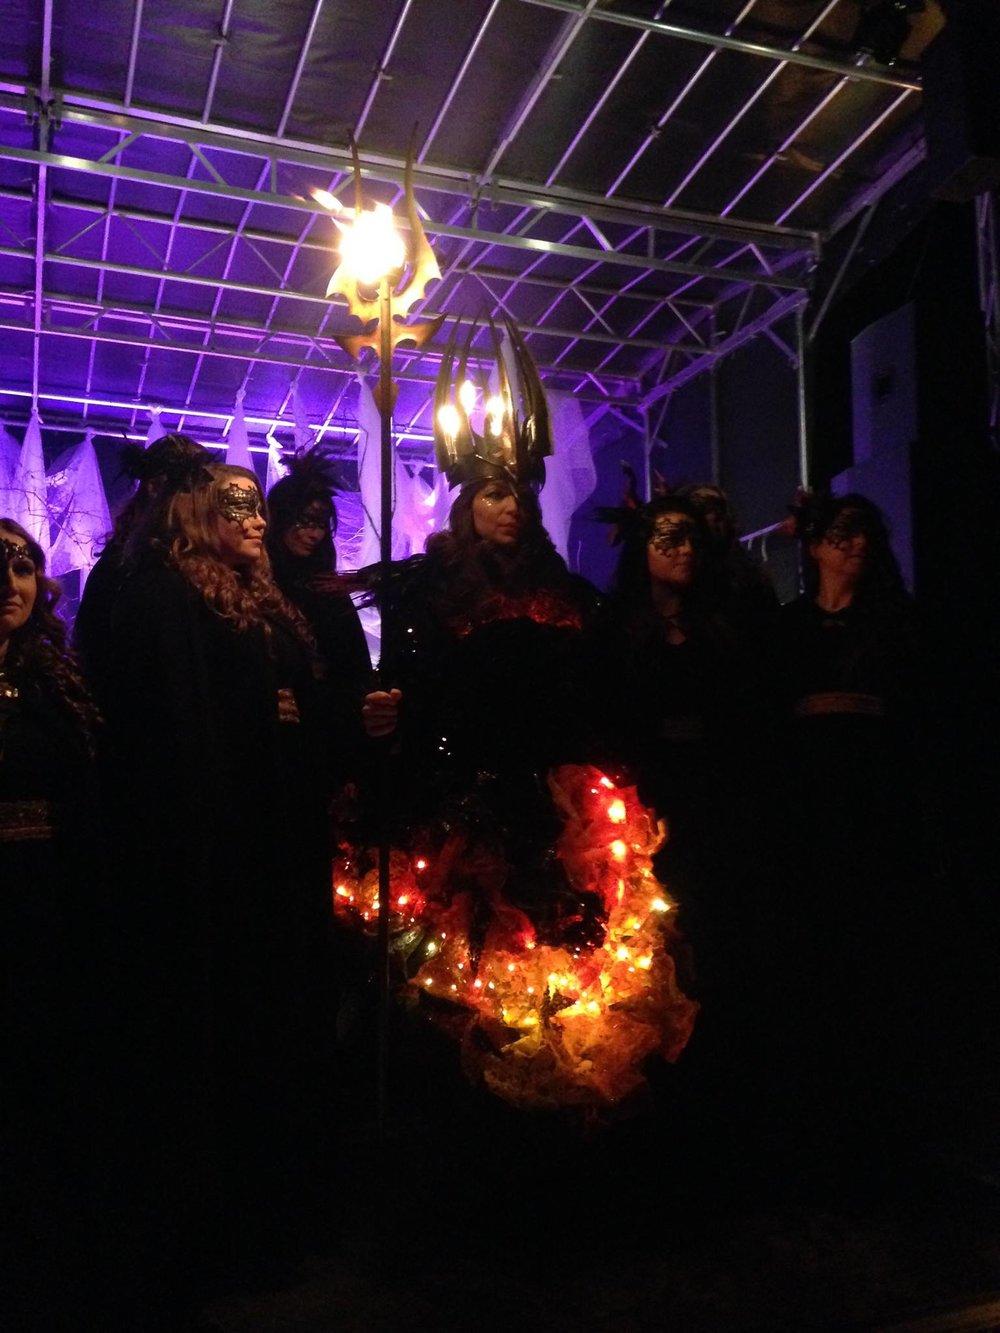 Katarina Borbos gestaltar vår Lucia i folktron. Lucians kostym designad och skapad av Petra Shara Stoor. Smideskrona och smidesstav av smeden Fredrik Thelin.